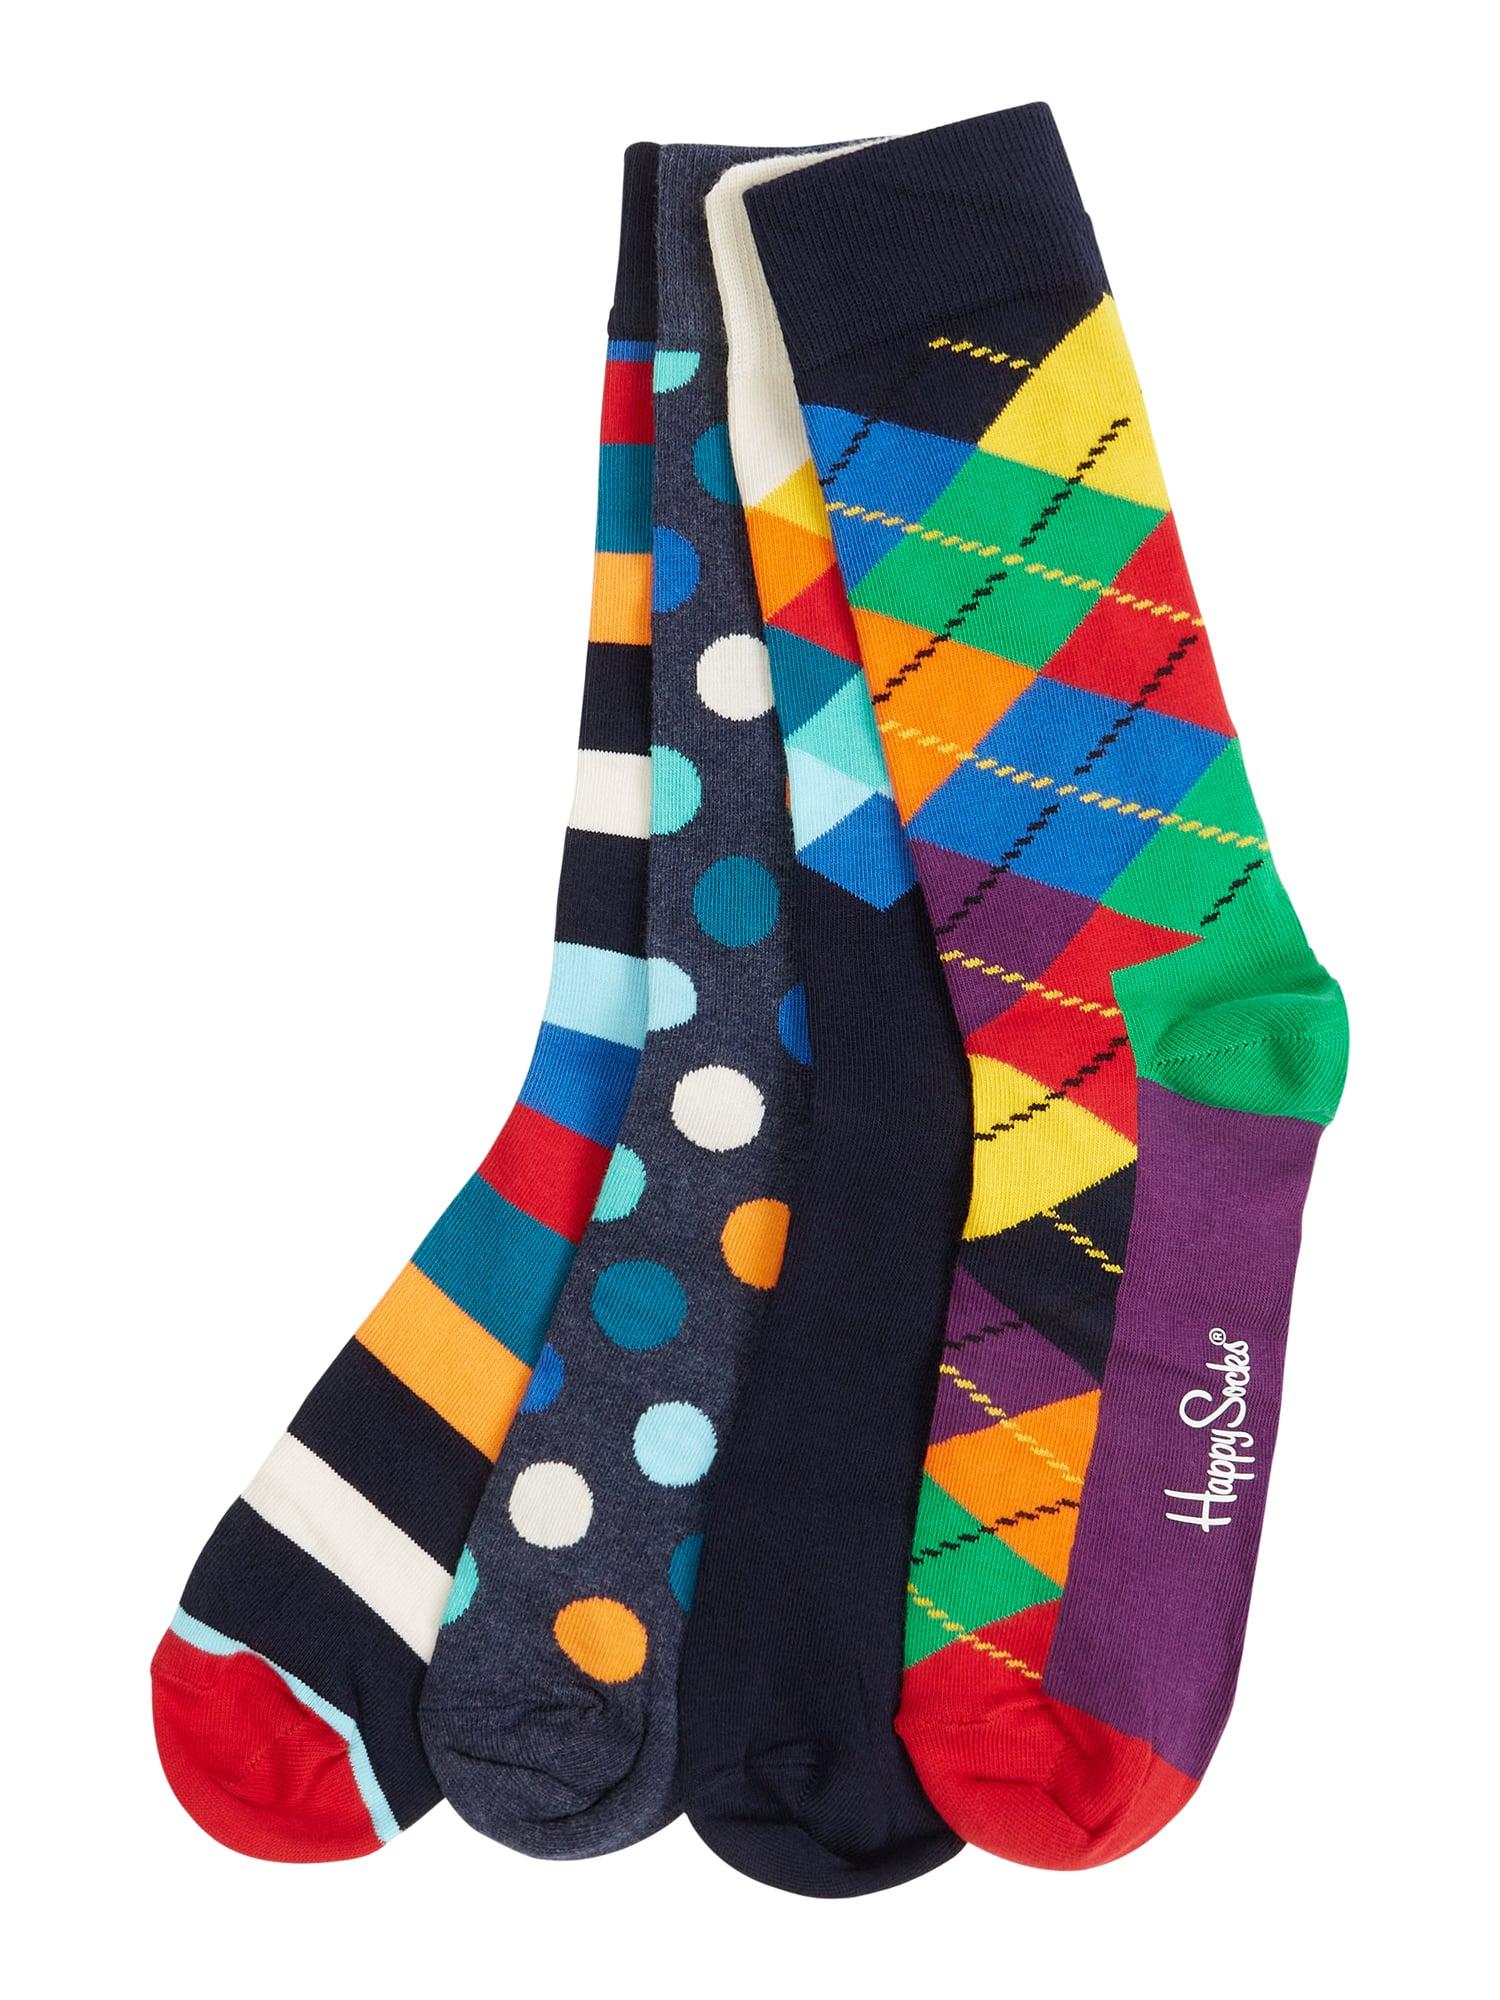 8 Paar Happy Socks, Gr. 41-46